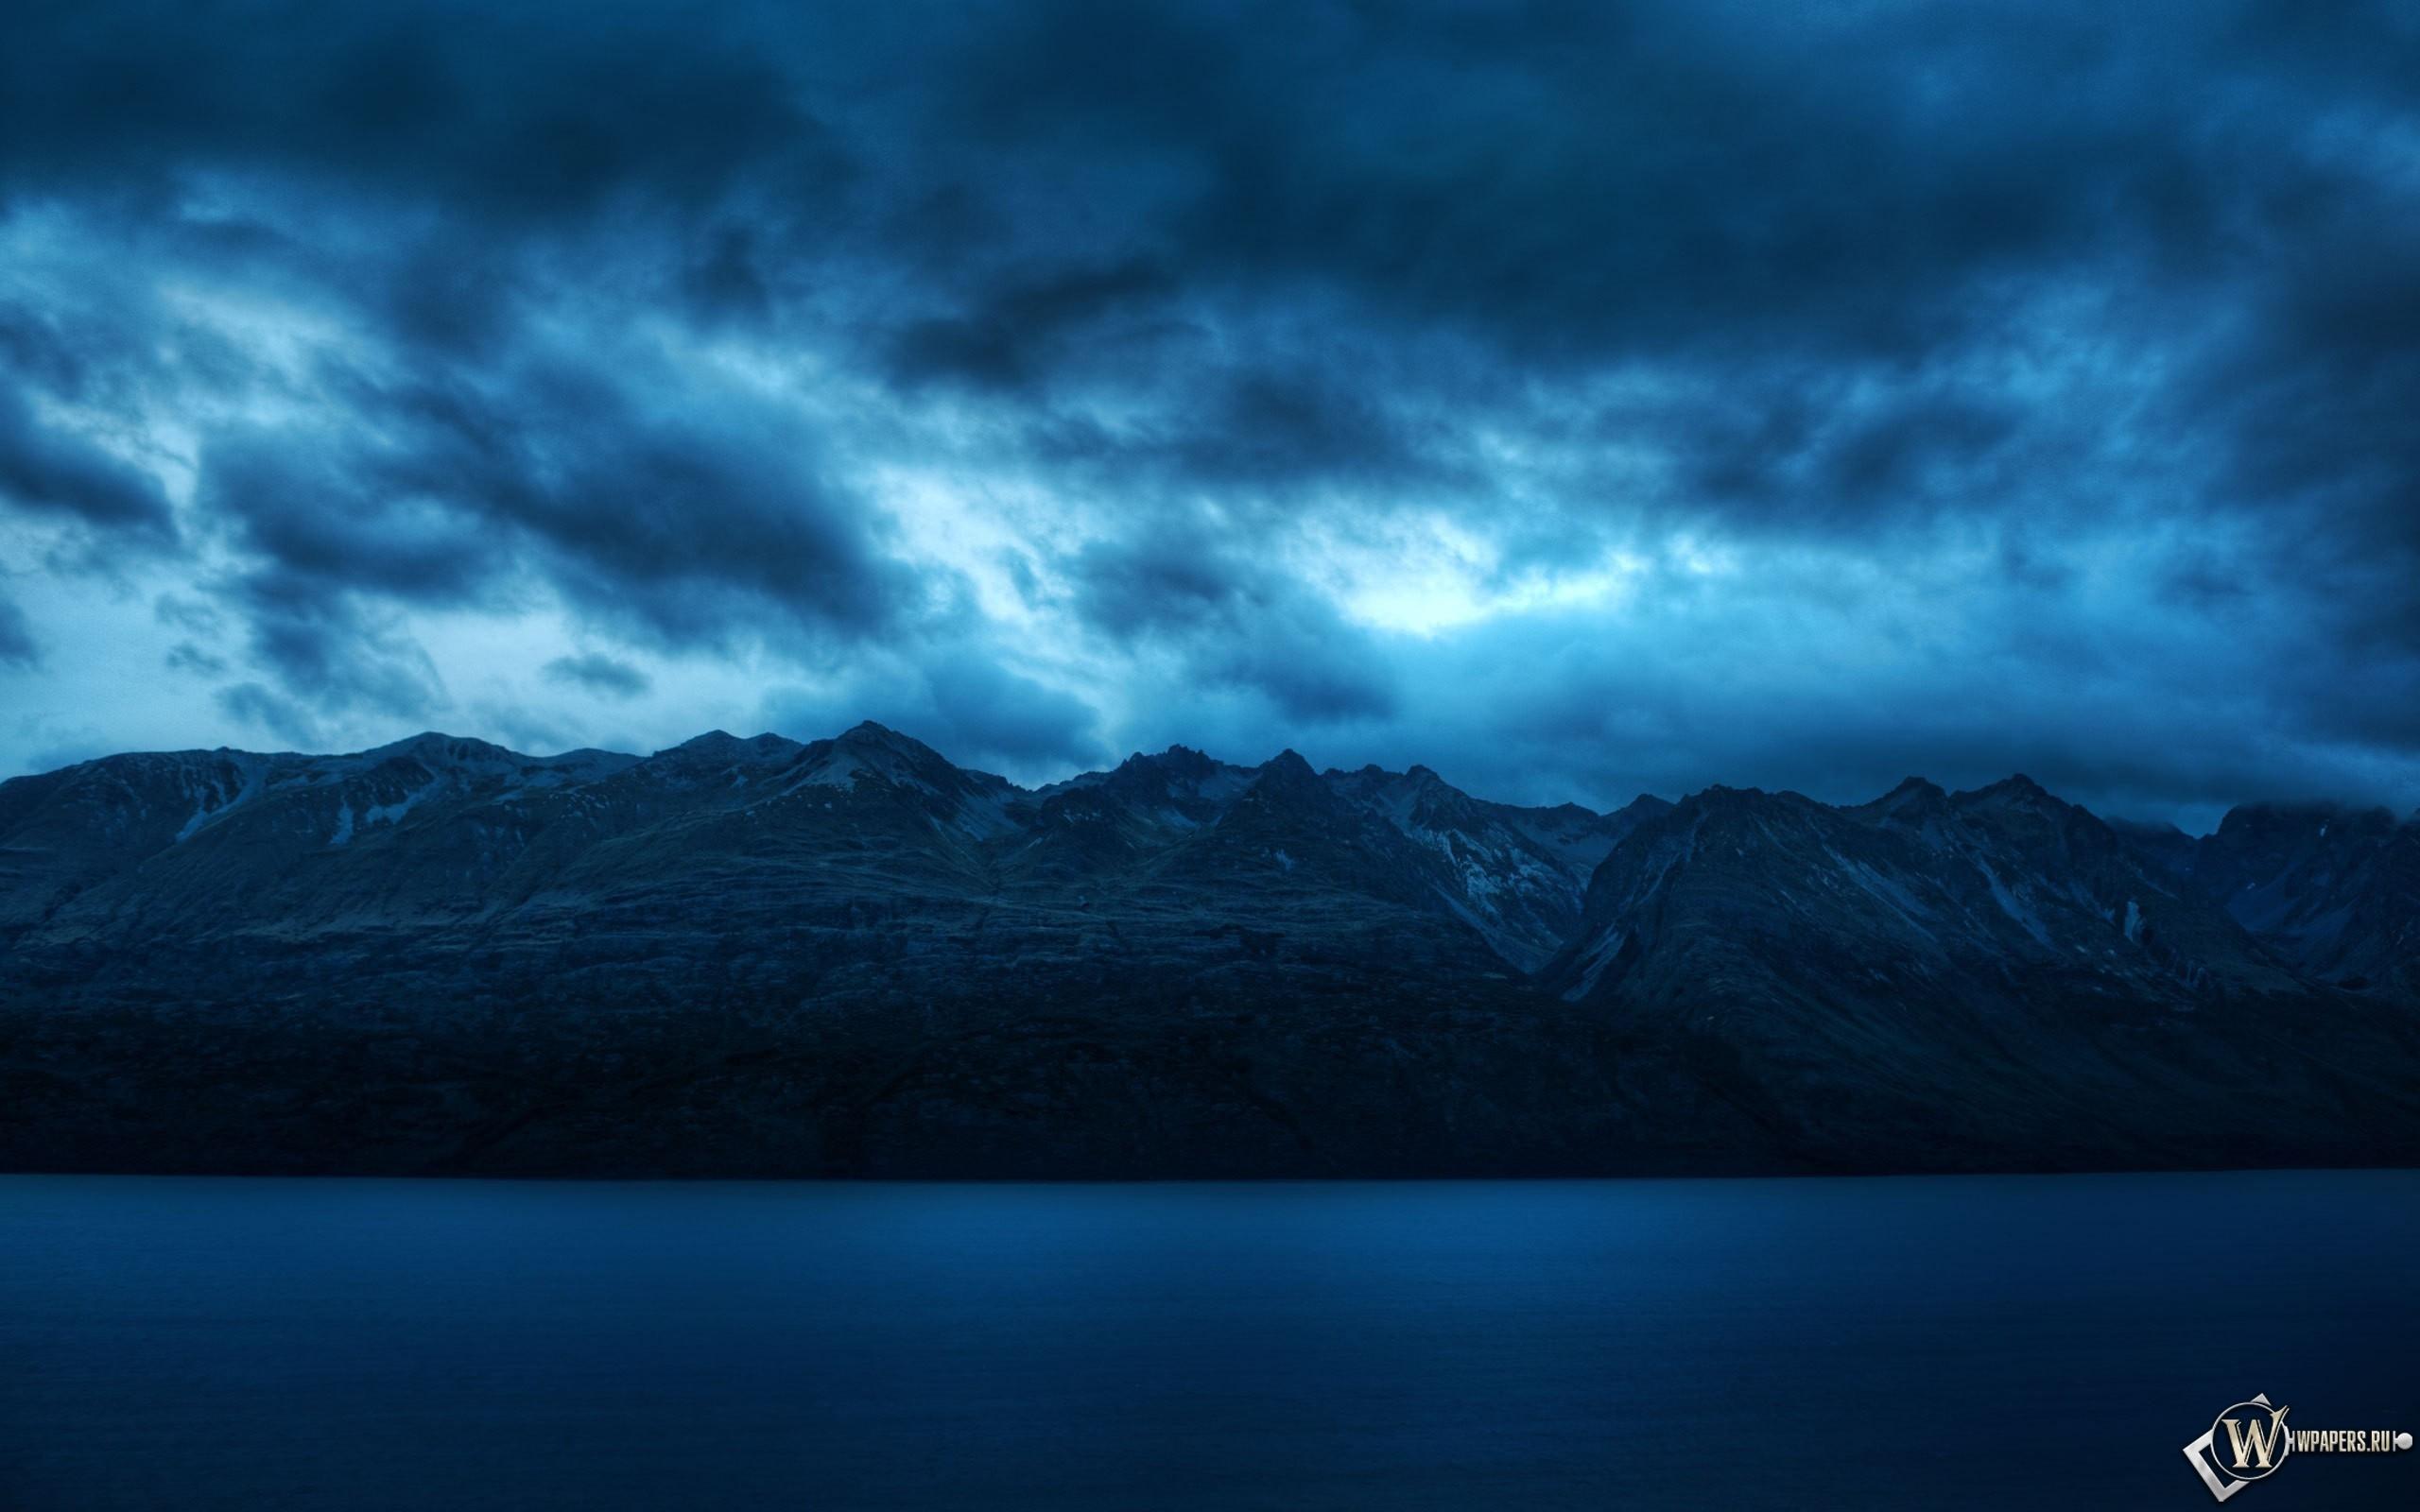 Облака над горами 2560x1600